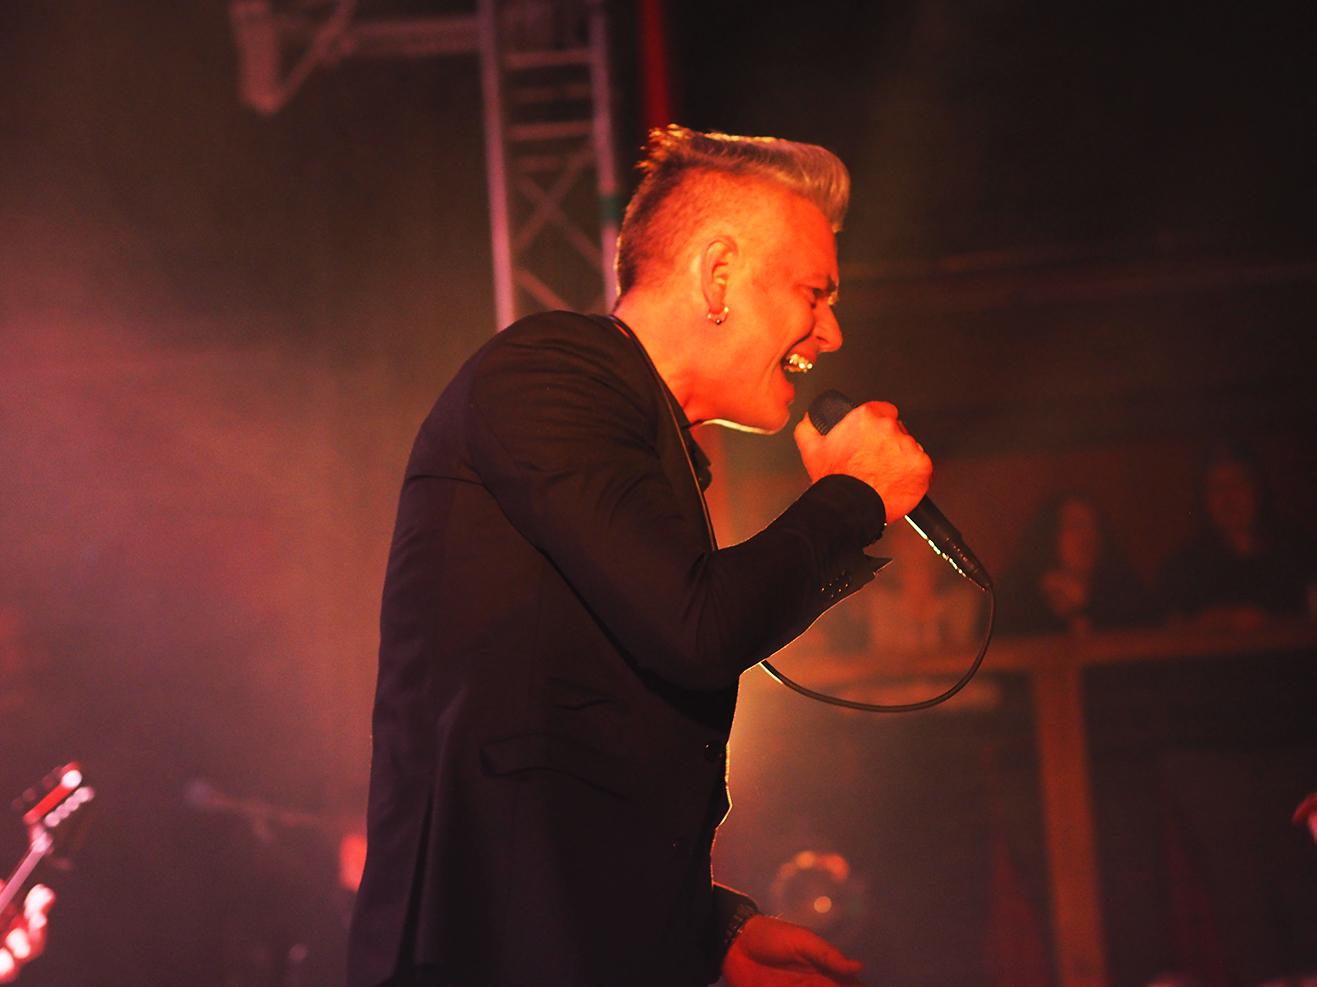 Janove: – Livemusikk må ikke bli en døende ting